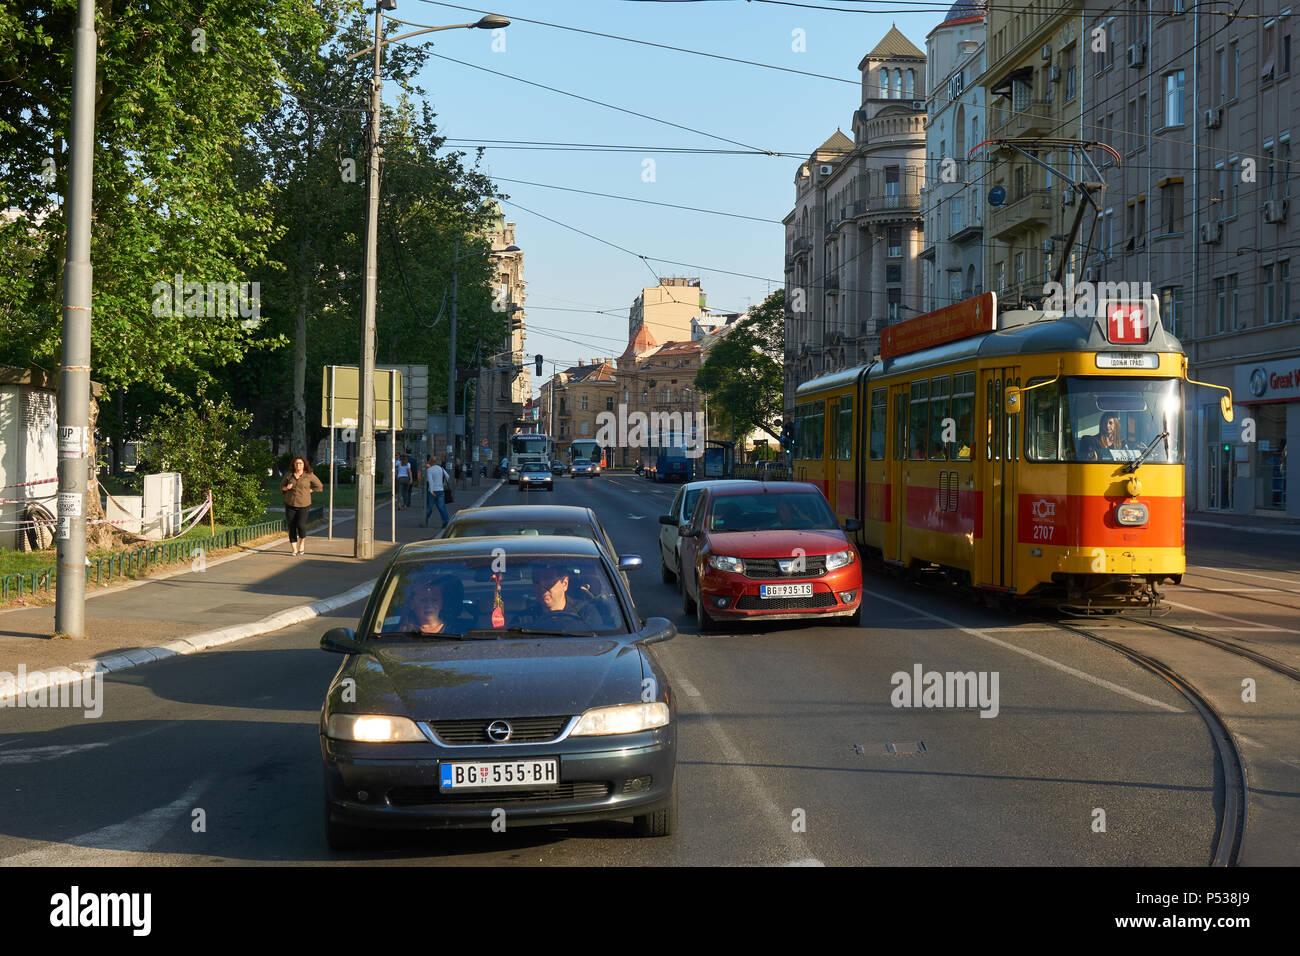 Belgrade, Serbia - May 03, 2018: Morning traffic on Karadordeva street. Stock Photo